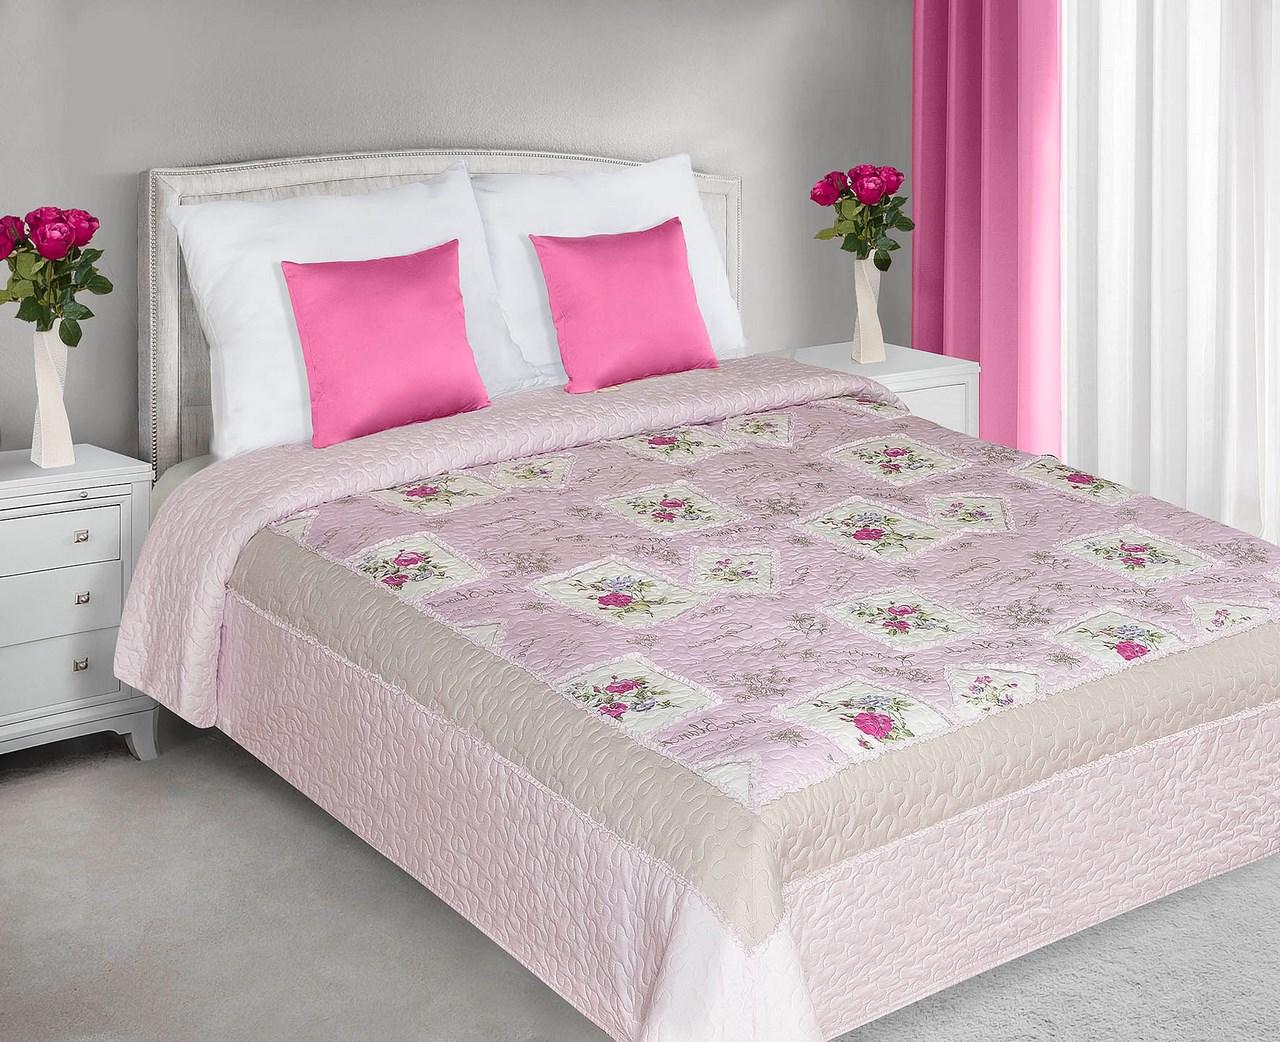 Prehoz na posteľ 240x220 cm - Eurofirany - Ada (ružová). Akcia -32%. Sme autorizovaný predajca Eurofirany. Vlastná spoľahlivá doprava až k Vám domov.